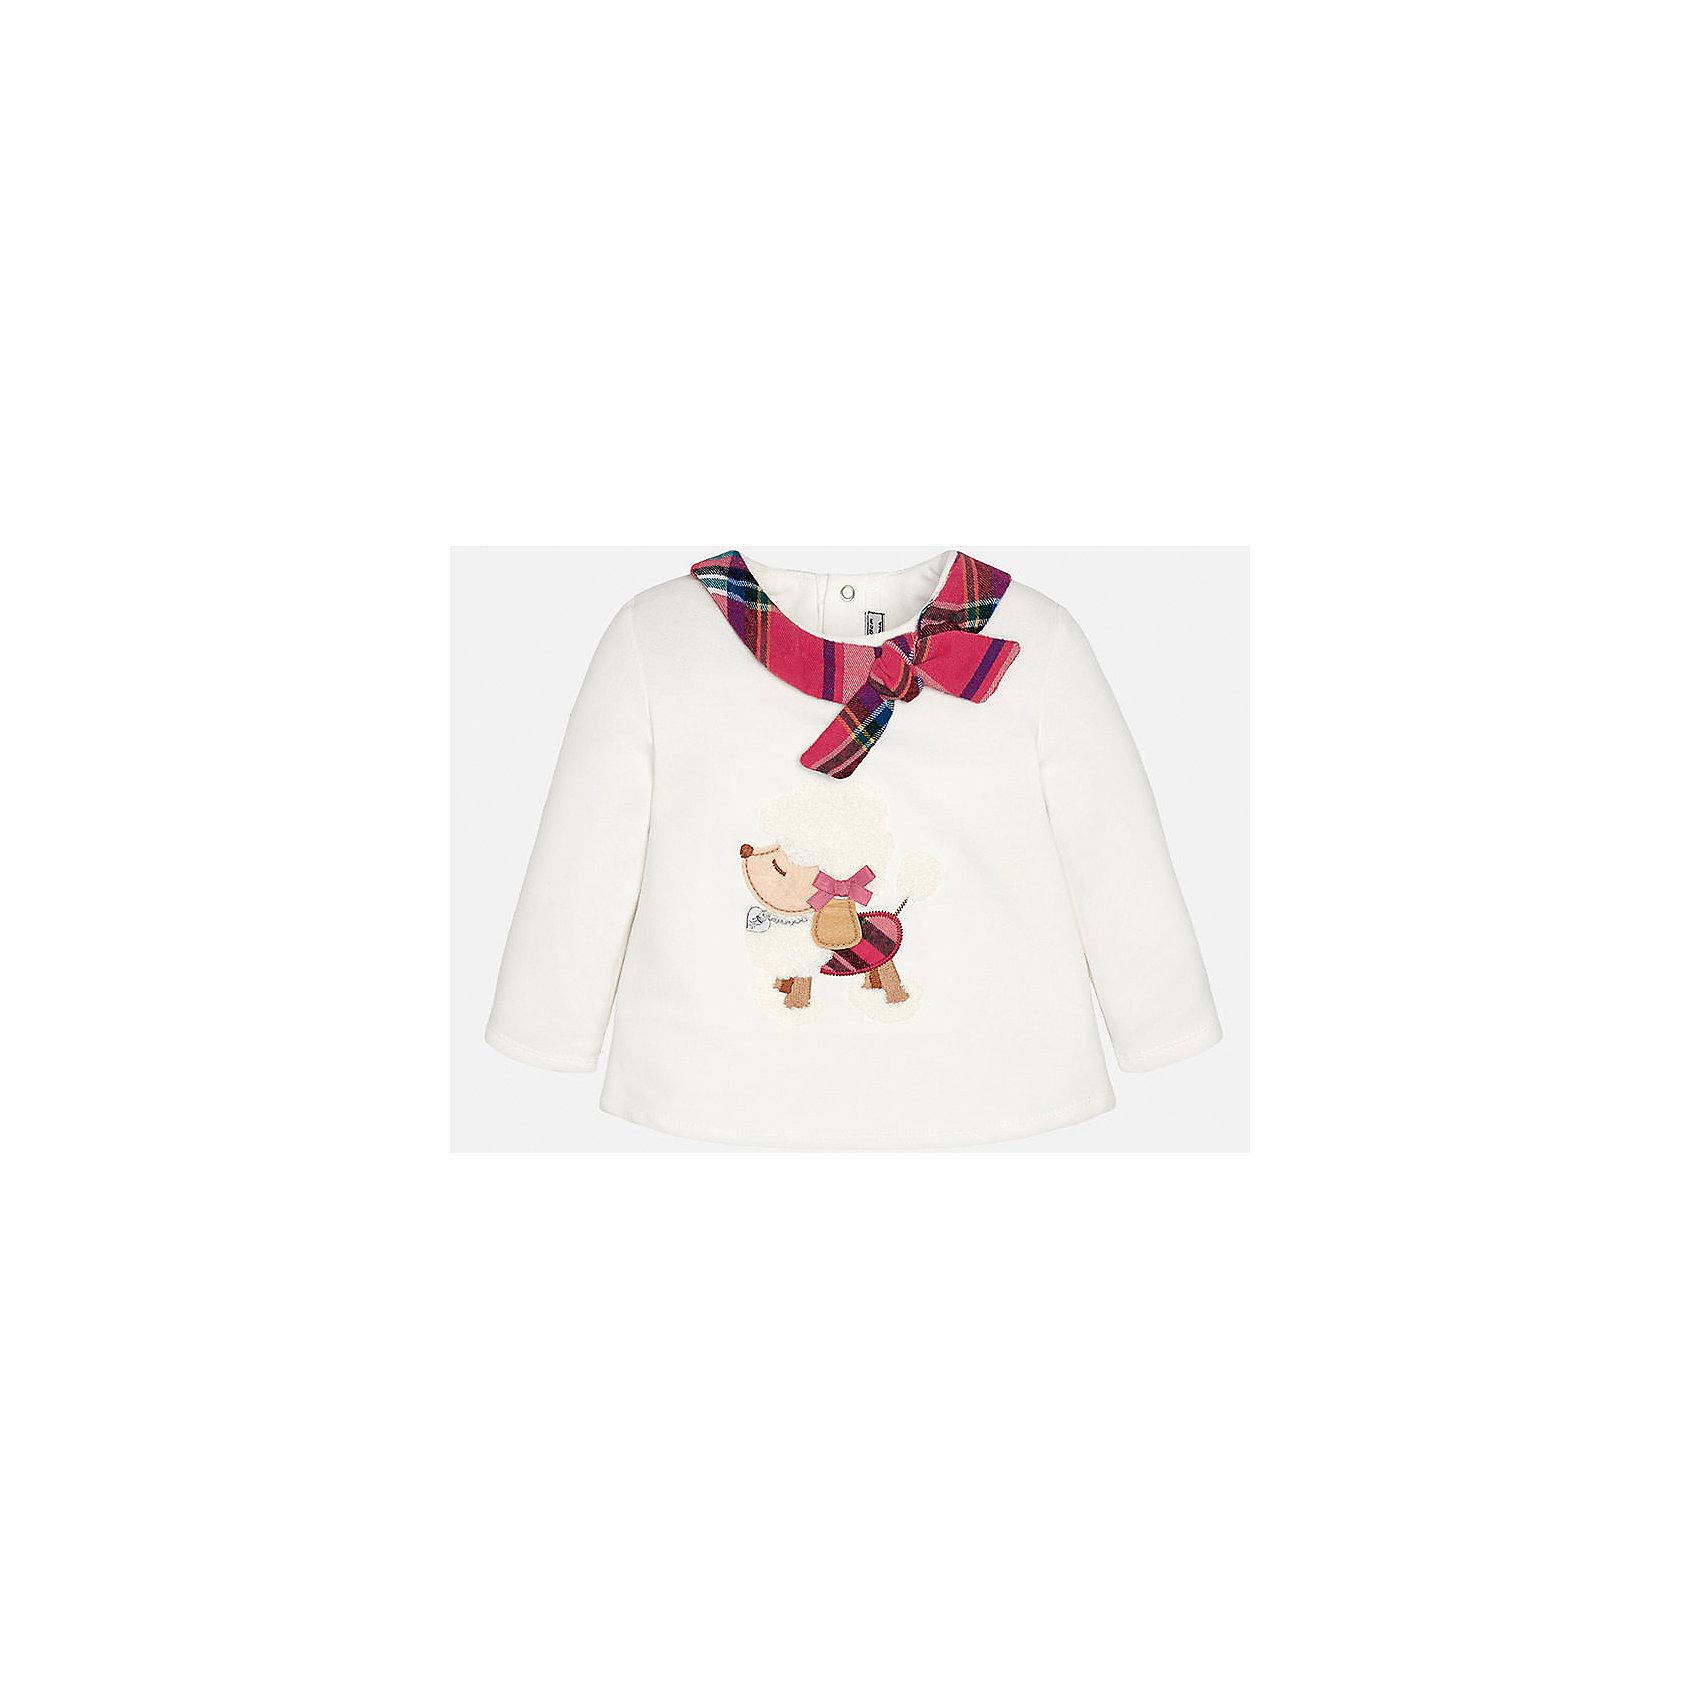 Свитер для девочки MayoralСвитер для девочки от известного испанского бренда Mayoral(Майорал) имеет длинные рукава и расширенный к низу силуэт. Модель застегивается на кнопки сзади. Спереди украшен аппликацией и декоративным шарфиком с бантом вокруг ворота. Этот стильный свитер обязательно должен быть в гардеробе любой модницы!<br><br>Дополнительная информация:<br>Состав: 57% хлопок, 38% полиэстер, 5% эластан<br>Цвет: белый<br>Вы можете купить свитер для девочки Mayoral(Майорал) в нашем интернет-магазине.<br><br>Ширина мм: 190<br>Глубина мм: 74<br>Высота мм: 229<br>Вес г: 236<br>Цвет: бежевый<br>Возраст от месяцев: 18<br>Возраст до месяцев: 24<br>Пол: Женский<br>Возраст: Детский<br>Размер: 92,74,80,86<br>SKU: 4846064